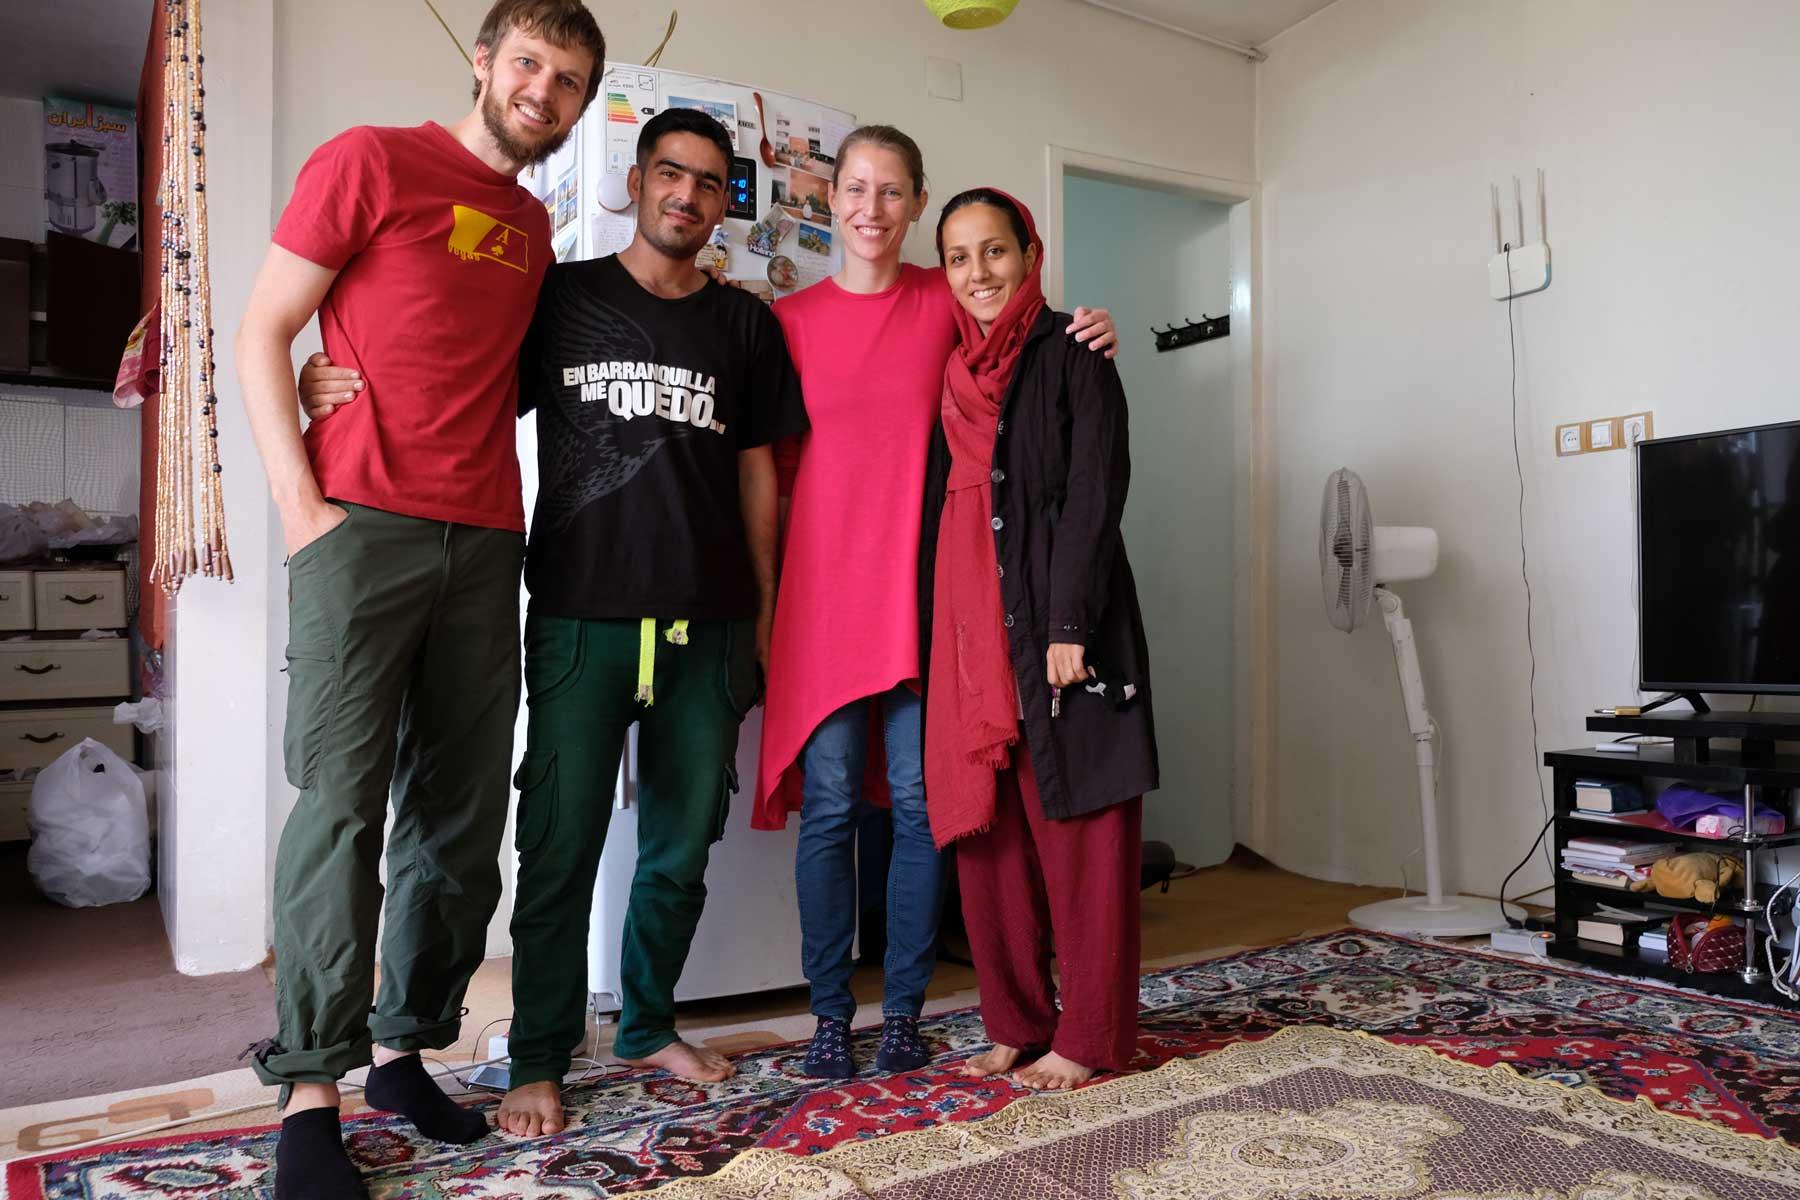 Sebastian und Leo mit Mahmoud und Merhane im Wohnzimmer